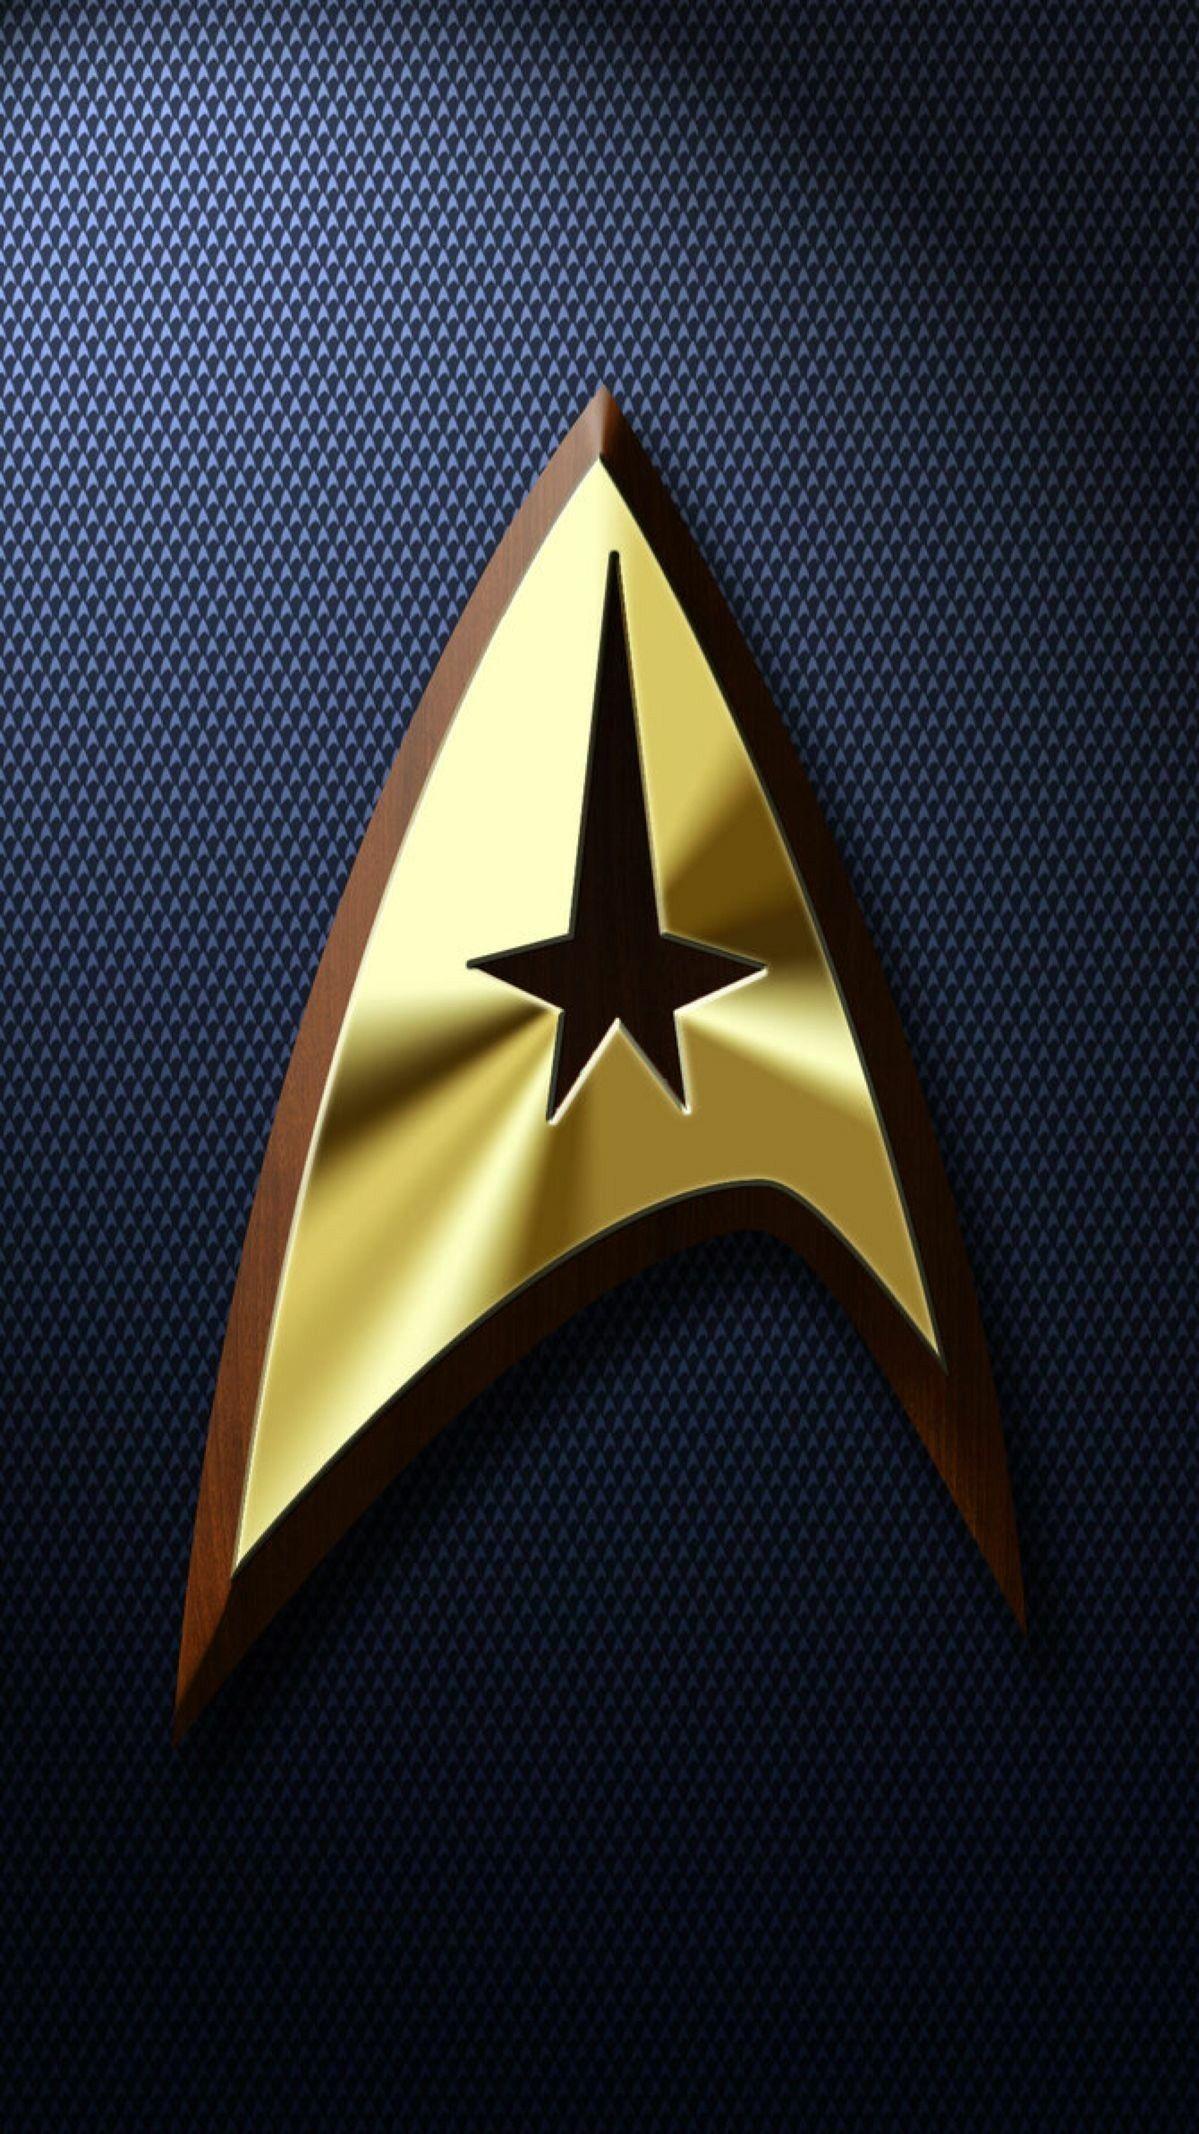 Star Trek Gold Logo Star trek wallpaper, Star trek